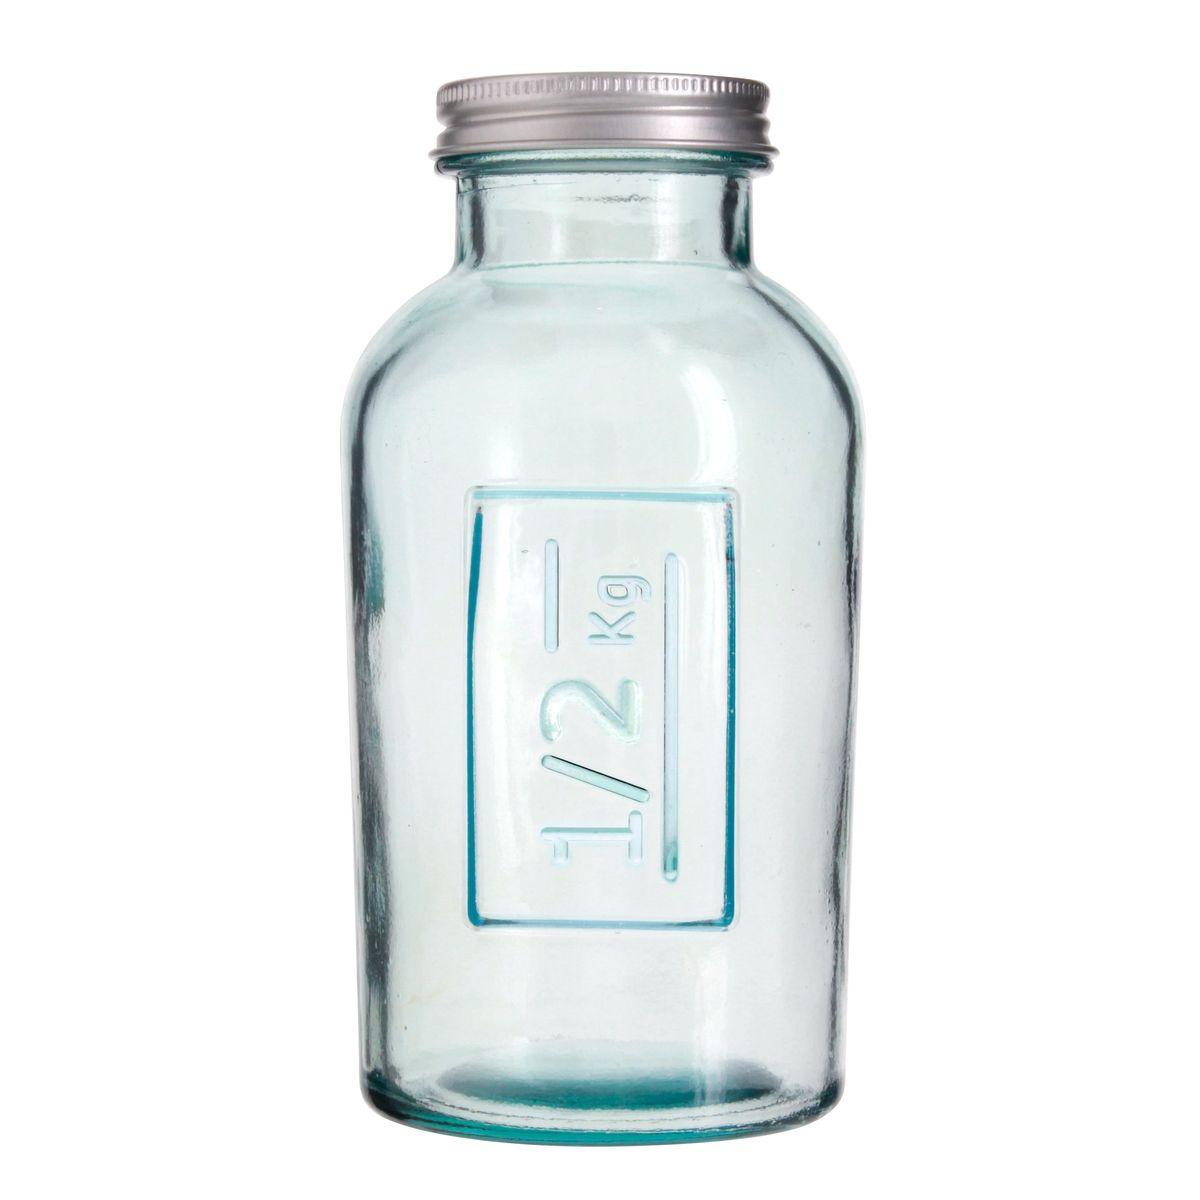 Bocal en verre recyclé 500 ml - Vidrios